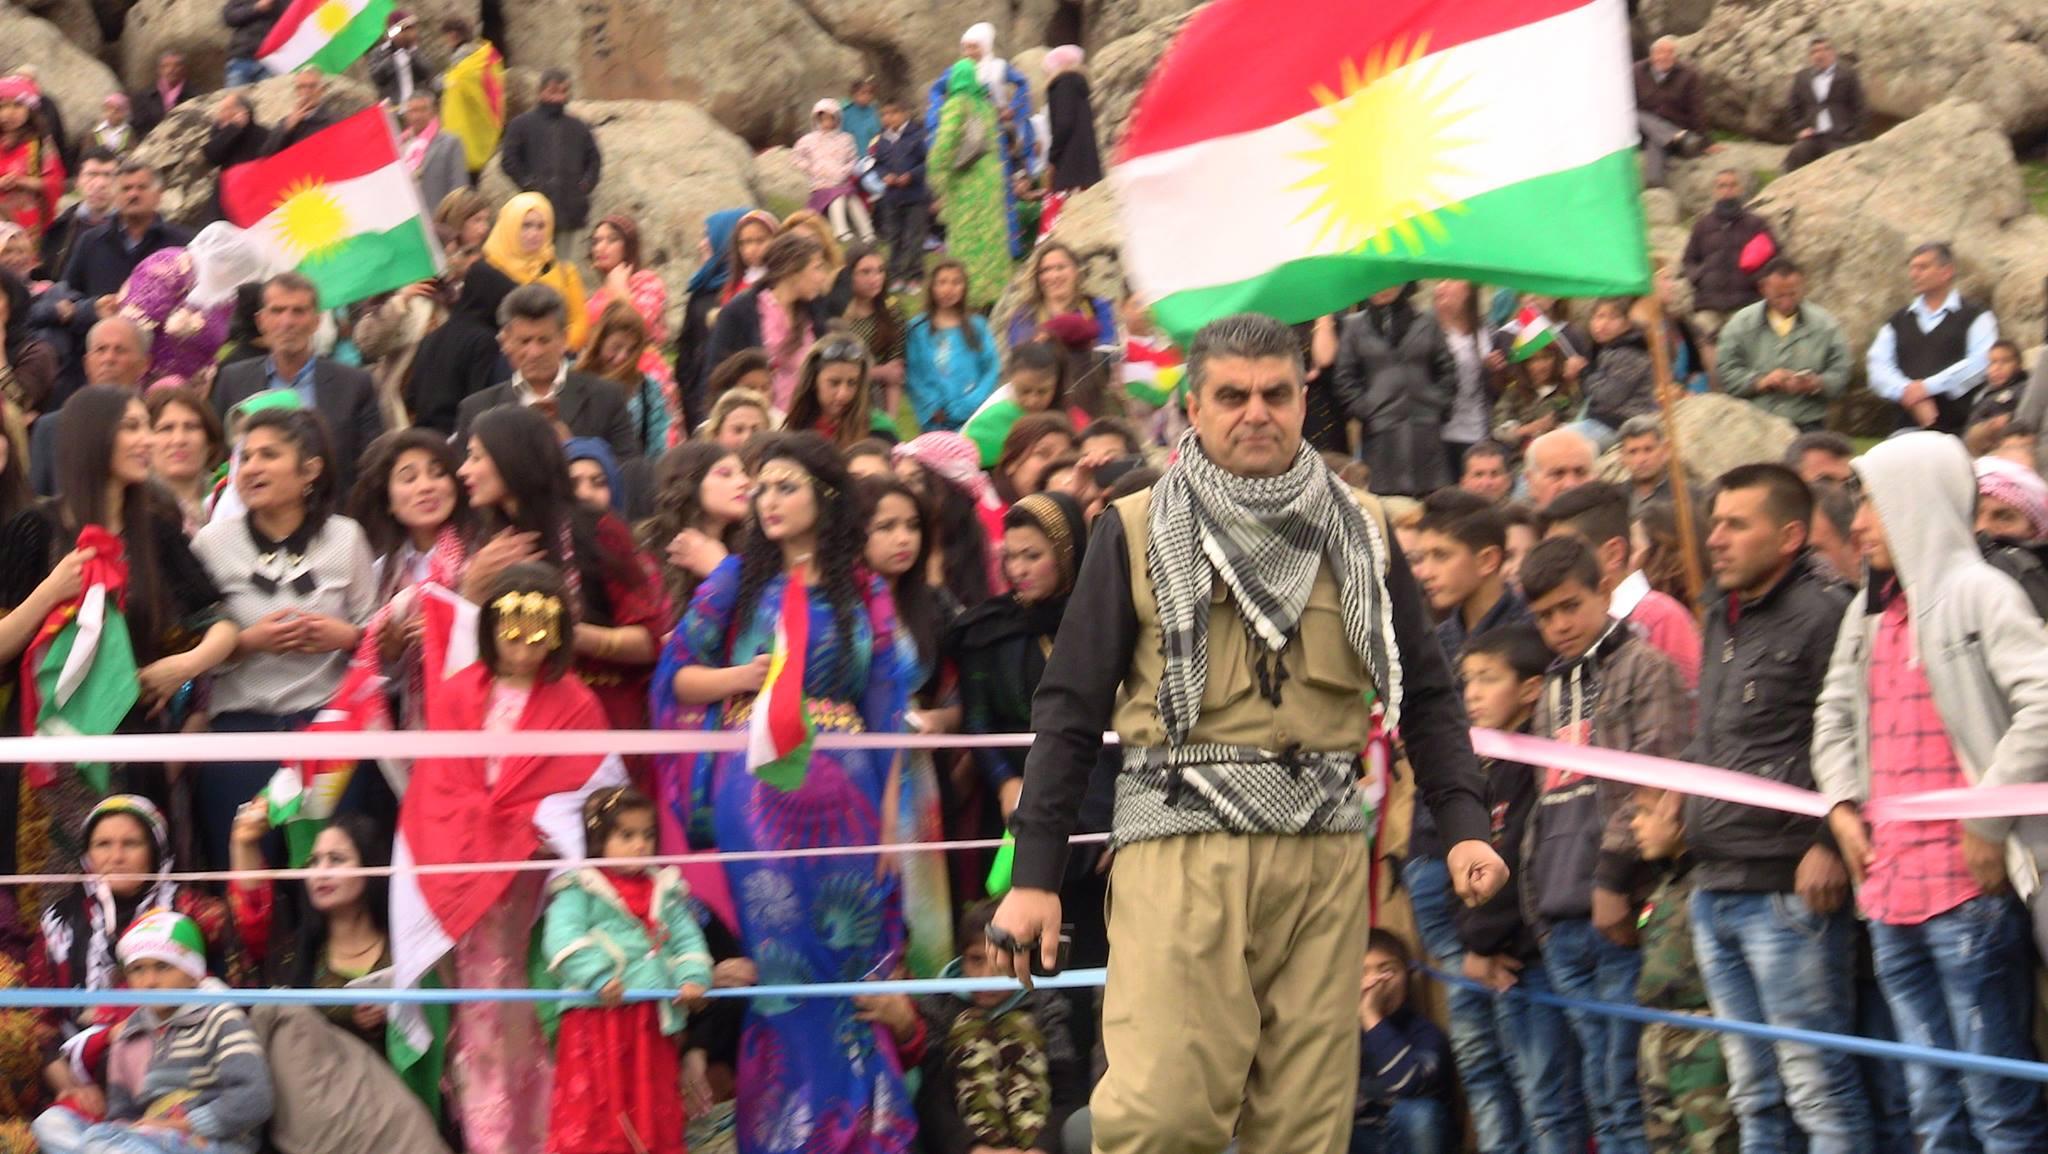 الصحافي برزان حسين يشارك في مناسبة كردية بمحافظة الحسكة شمال شرق سوريا، 27/11/2017 (إنترنت)